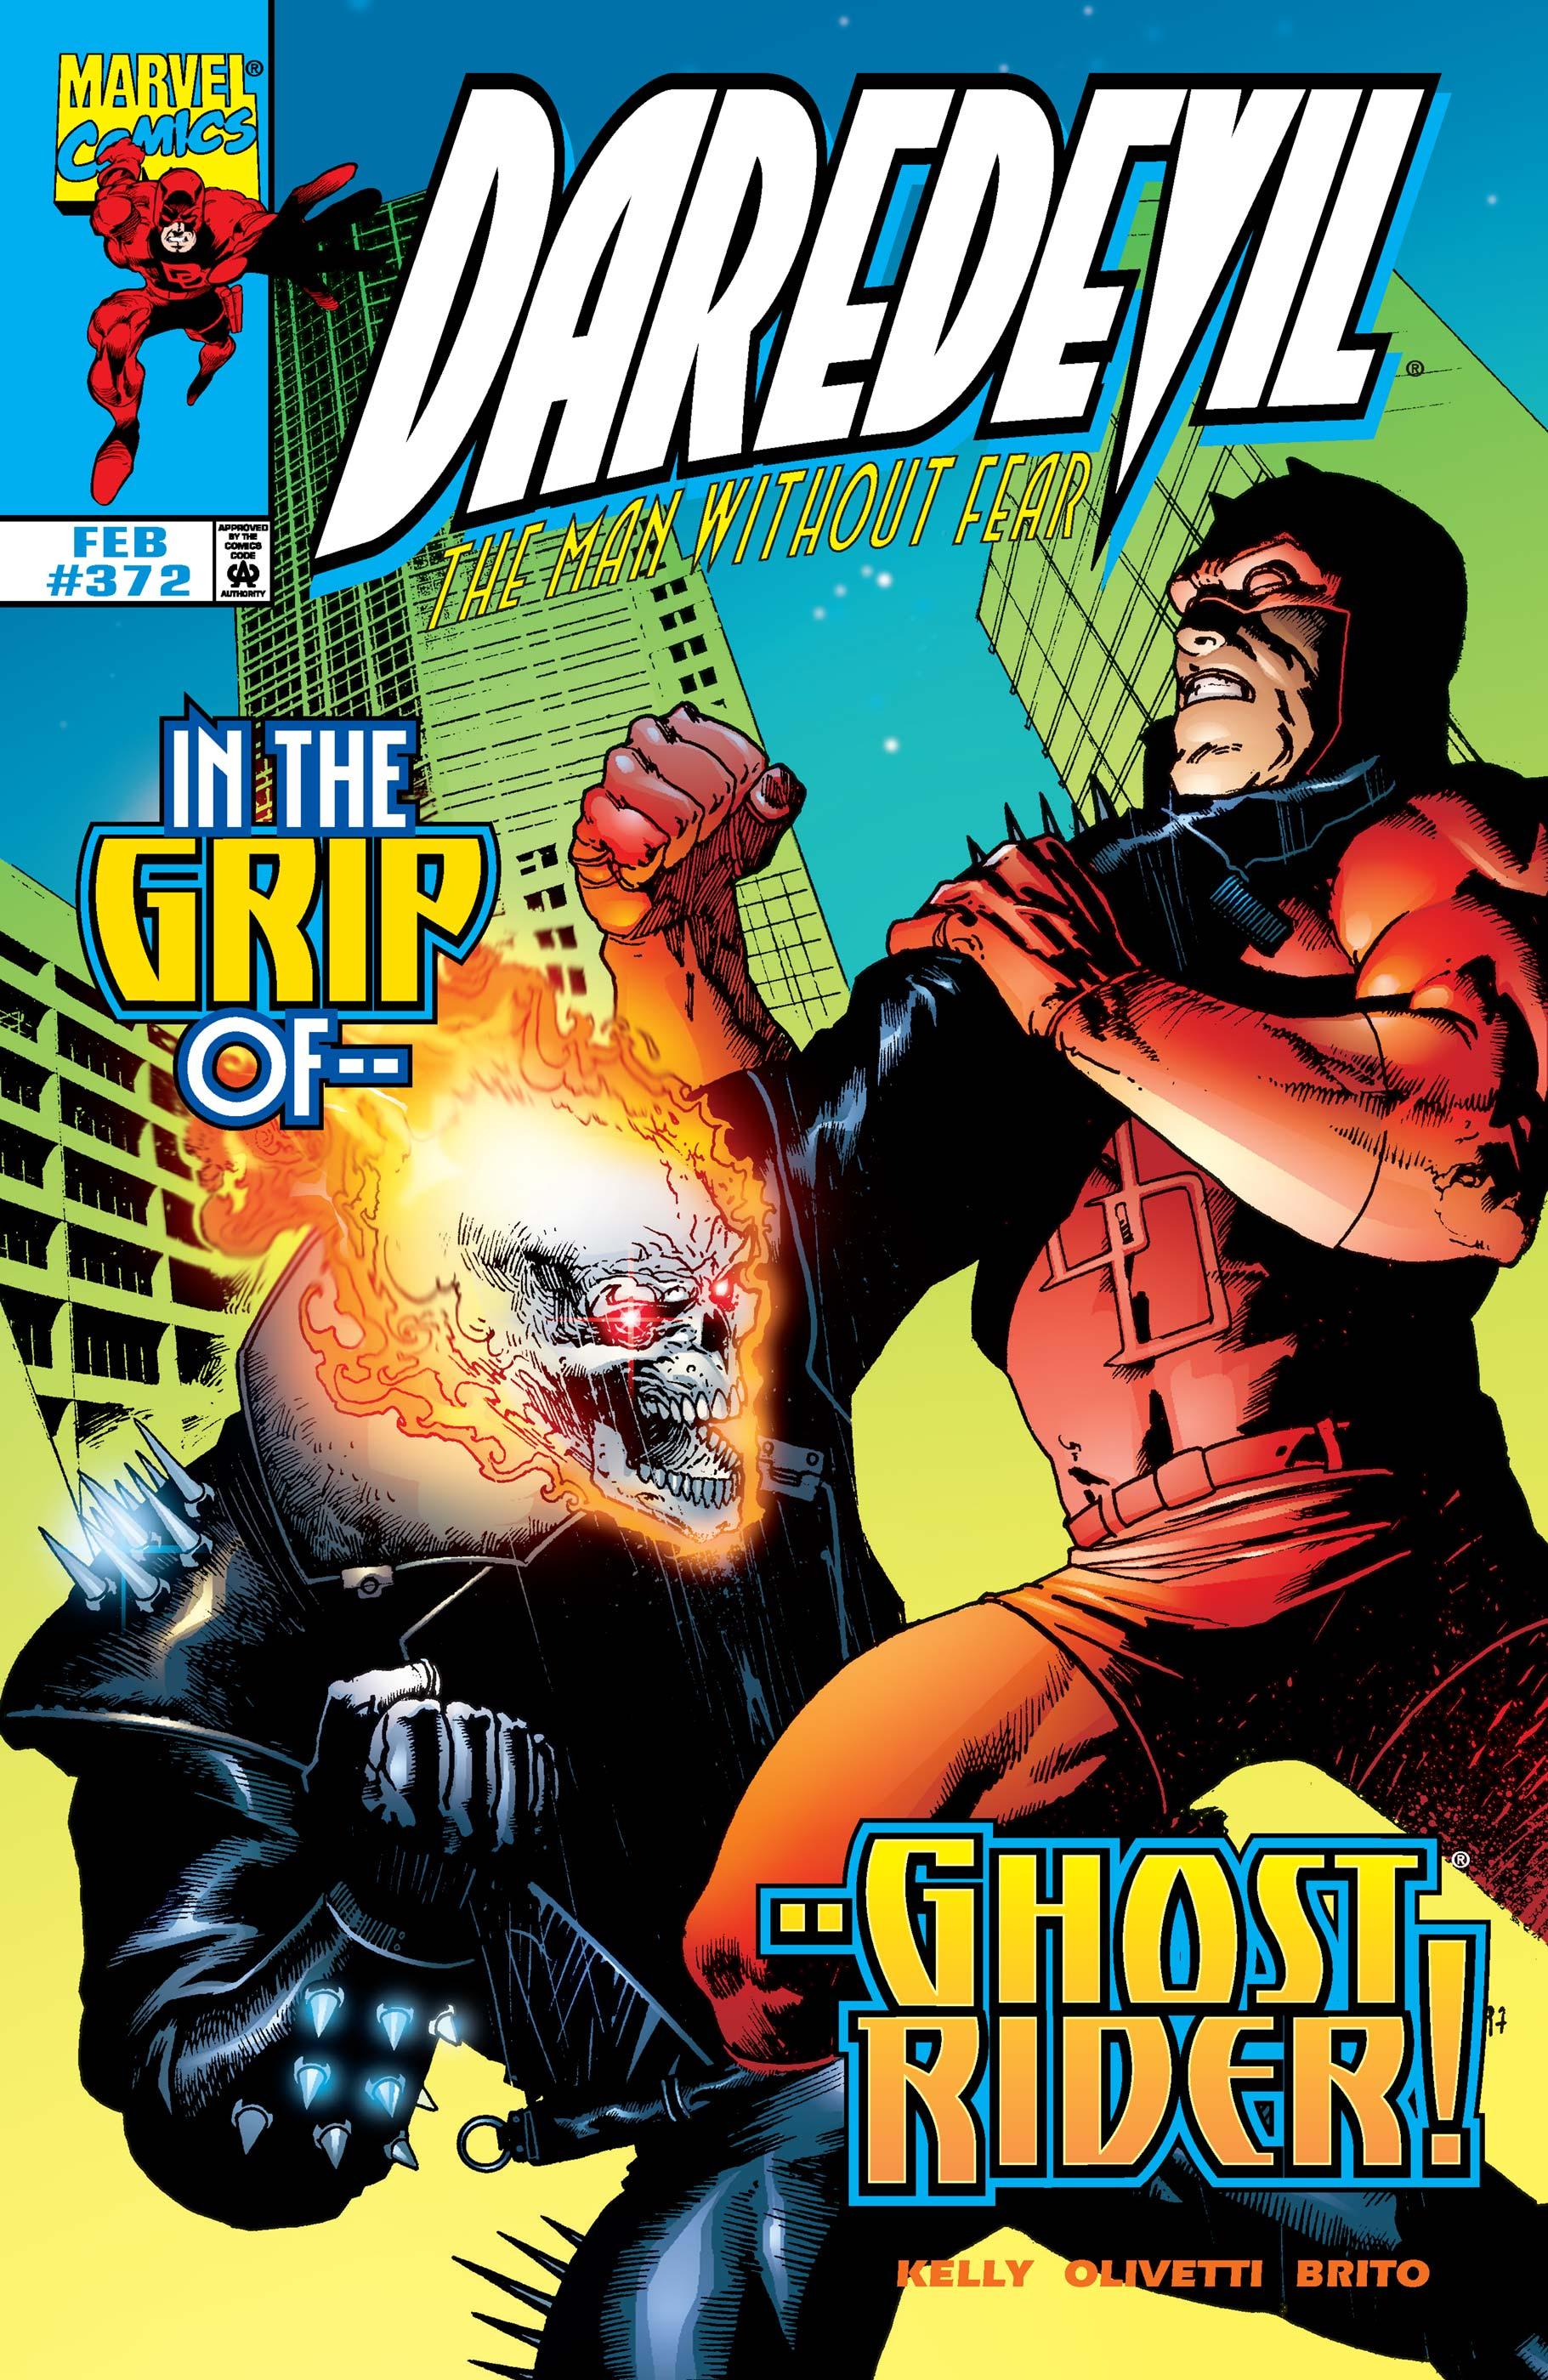 Daredevil (1964) #372